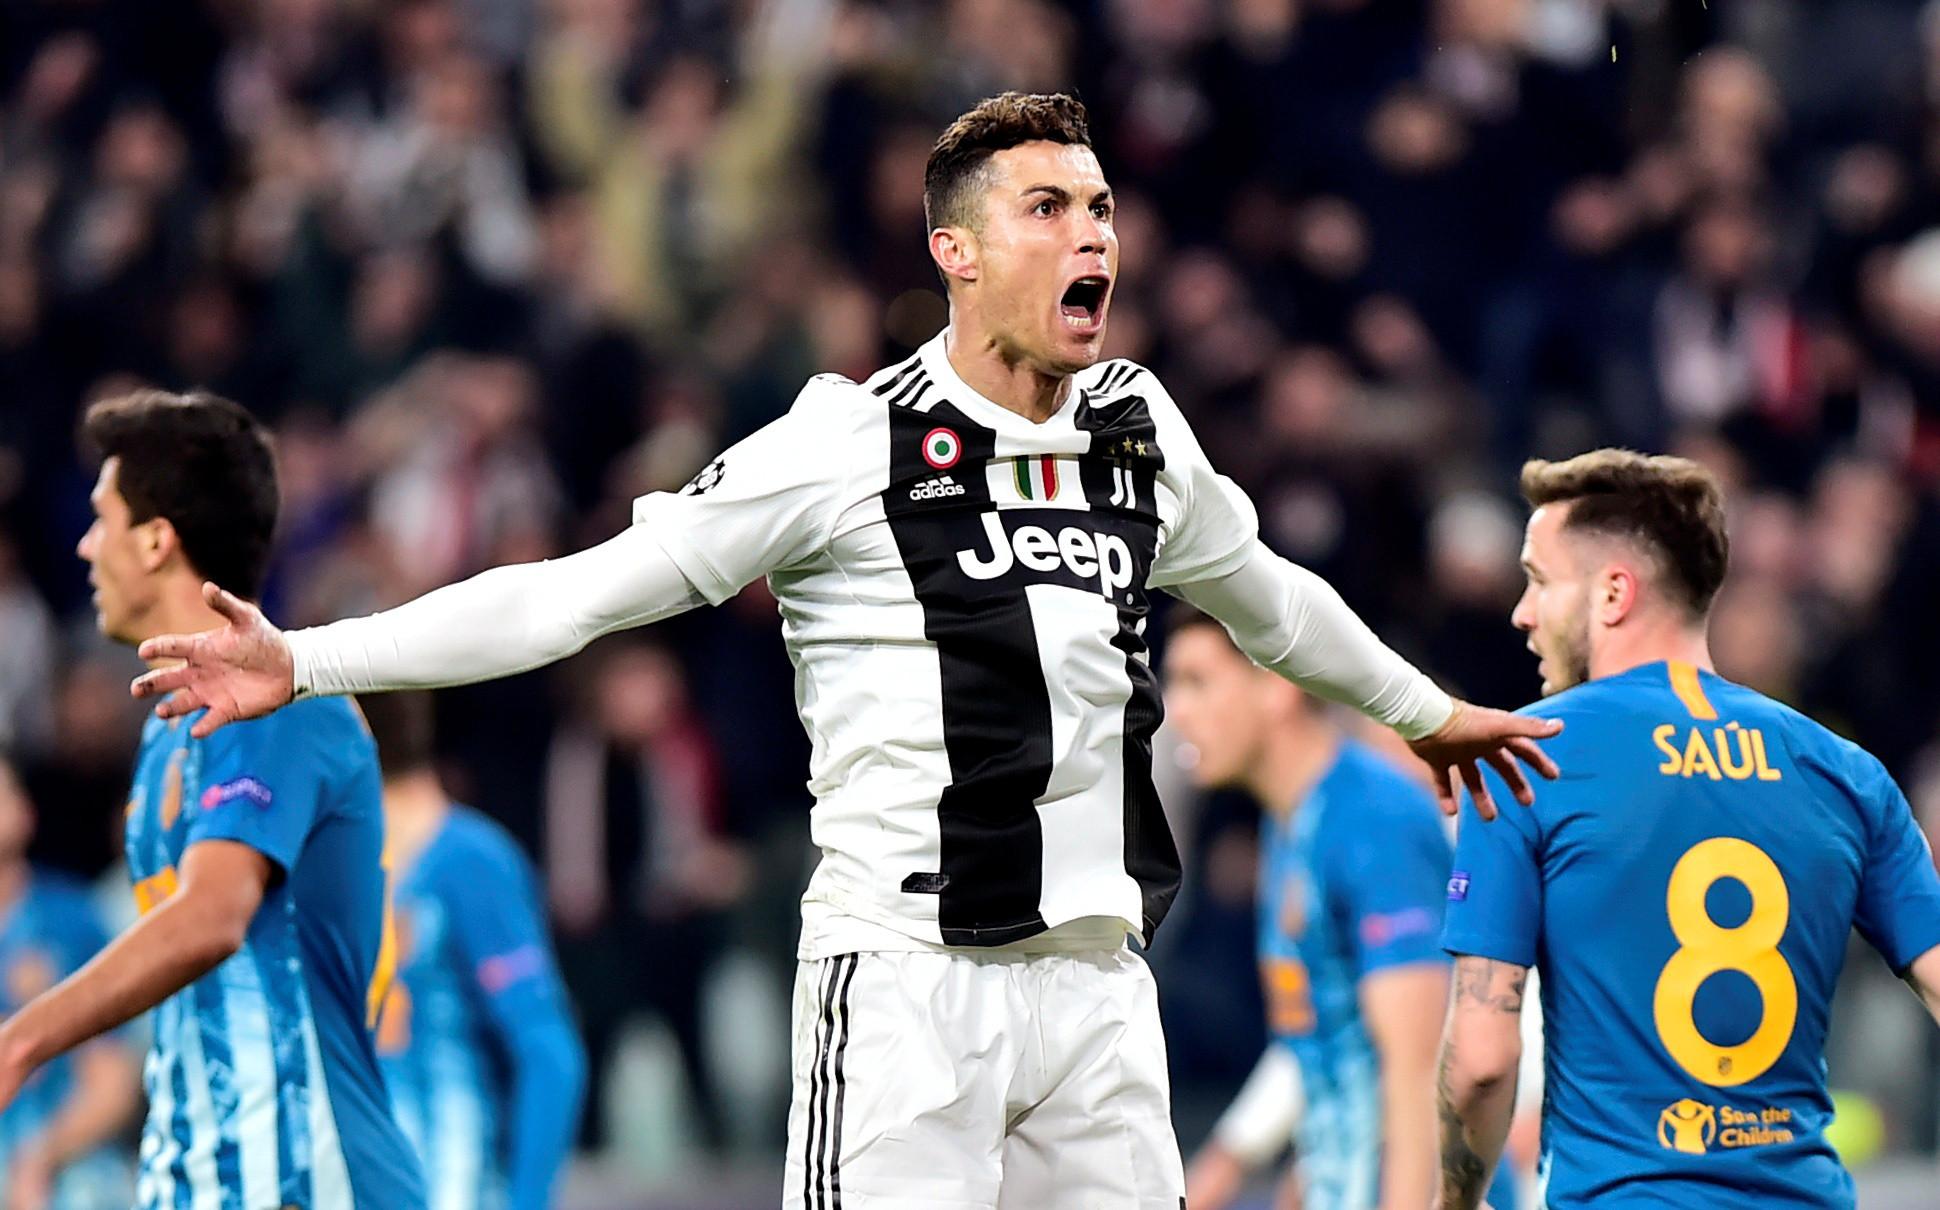 Confirmado: Allegri leva Cristiano Ronaldo para a 'batalha' de Amesterdão